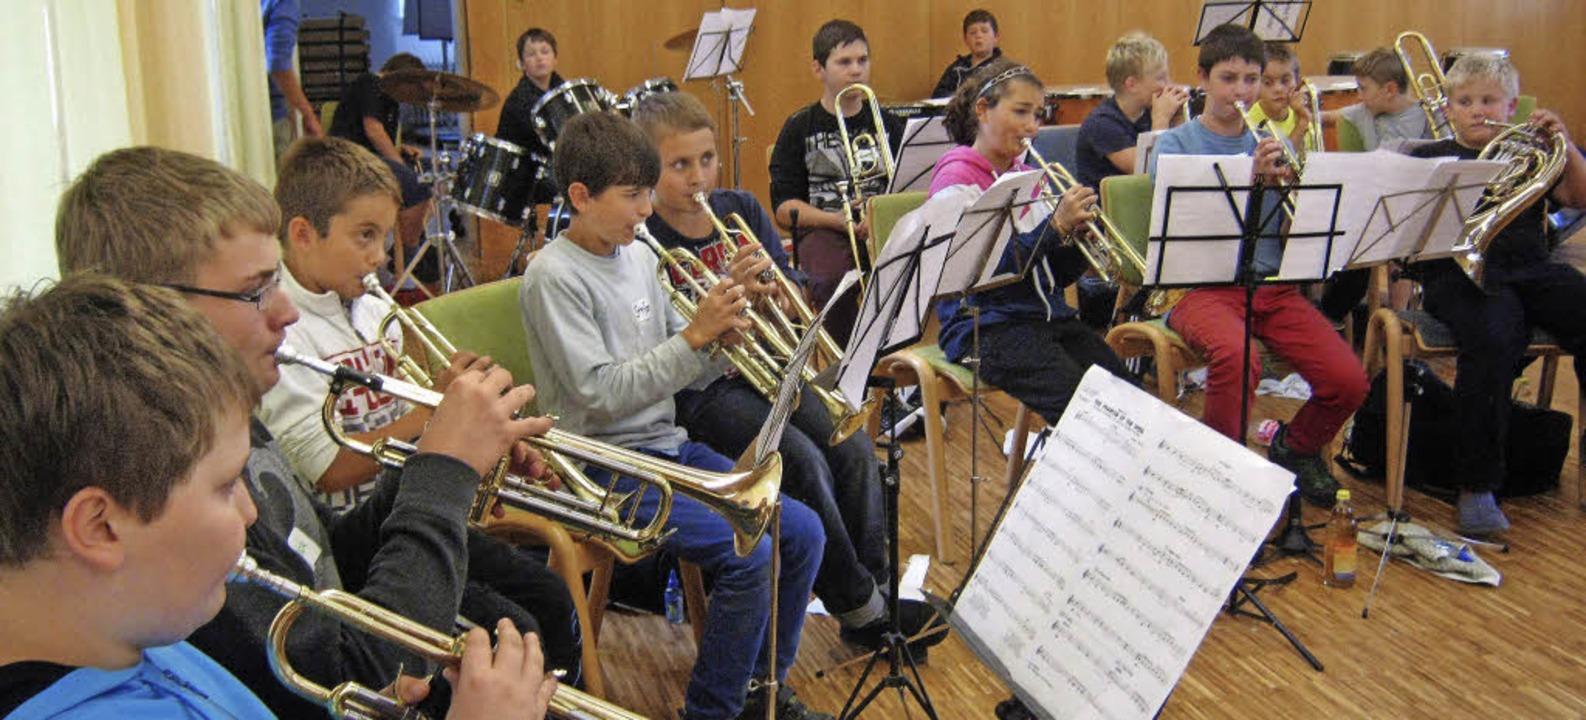 Hier wird fleißig geübt: 90 junge Musi... kommenden Sonntag in Bollschweil vor.  | Foto: Anne Freyer